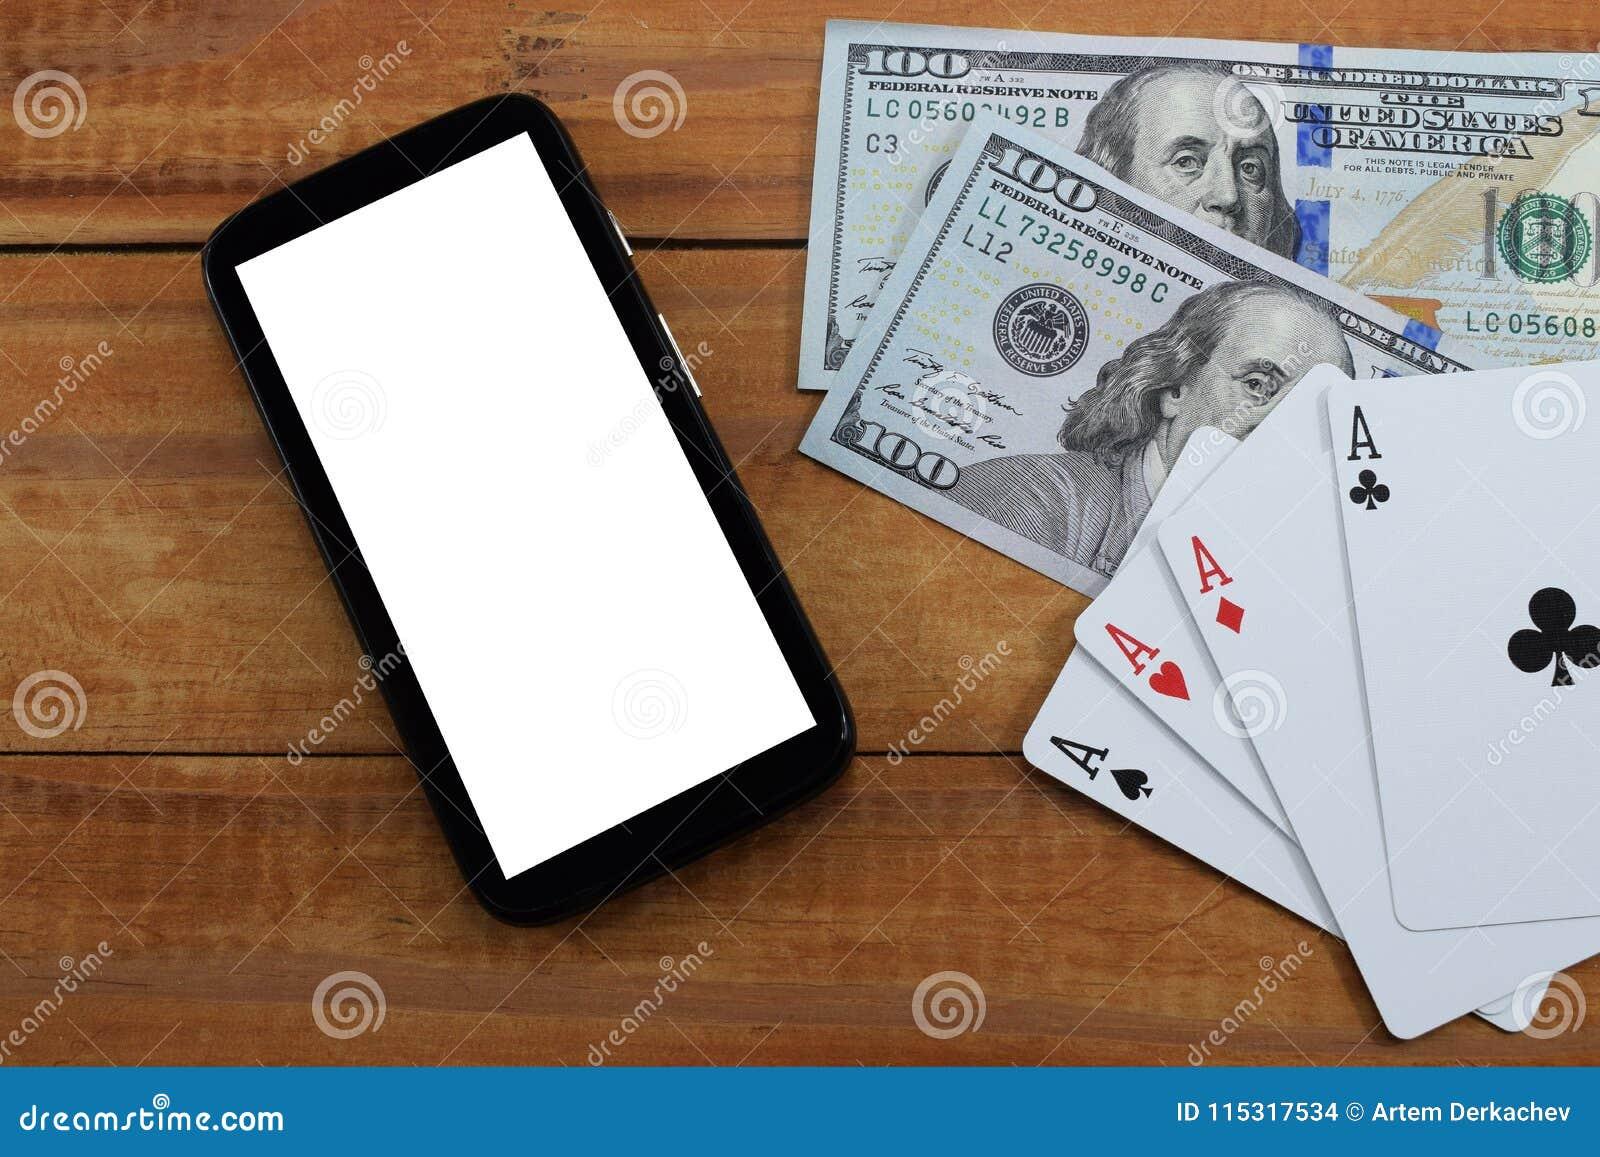 Казино на виртуальные и реальные деньги казино рояль 2006 смотреть онлайн 720 hd